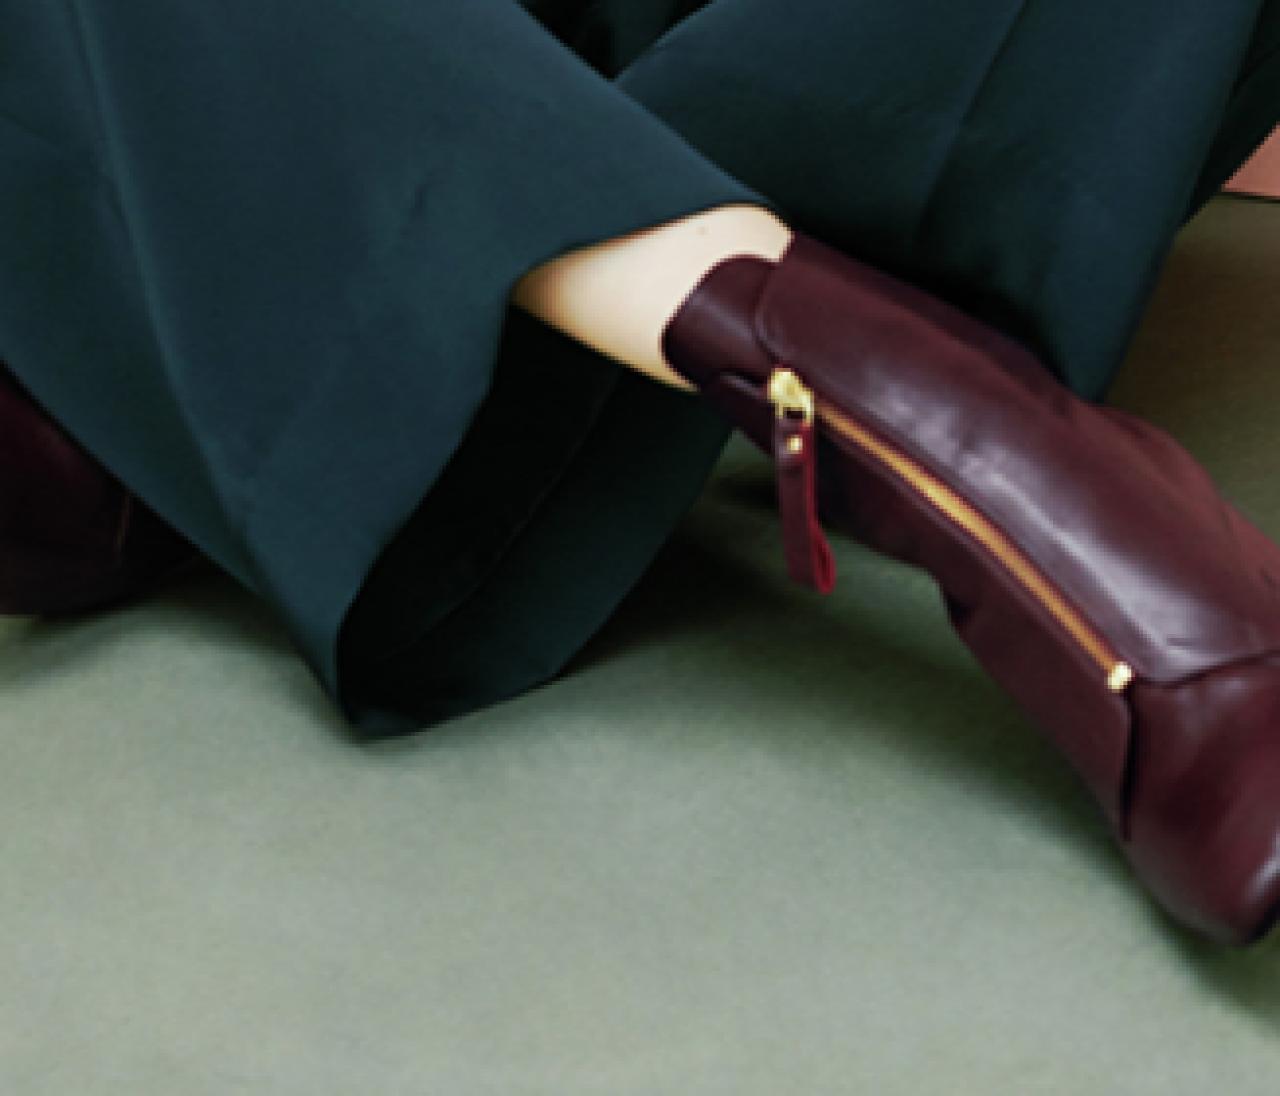 最速&最強! 働く30代女子のための2018年秋冬新作人気ブーツ40選一気見せ【30代レディースファッション】